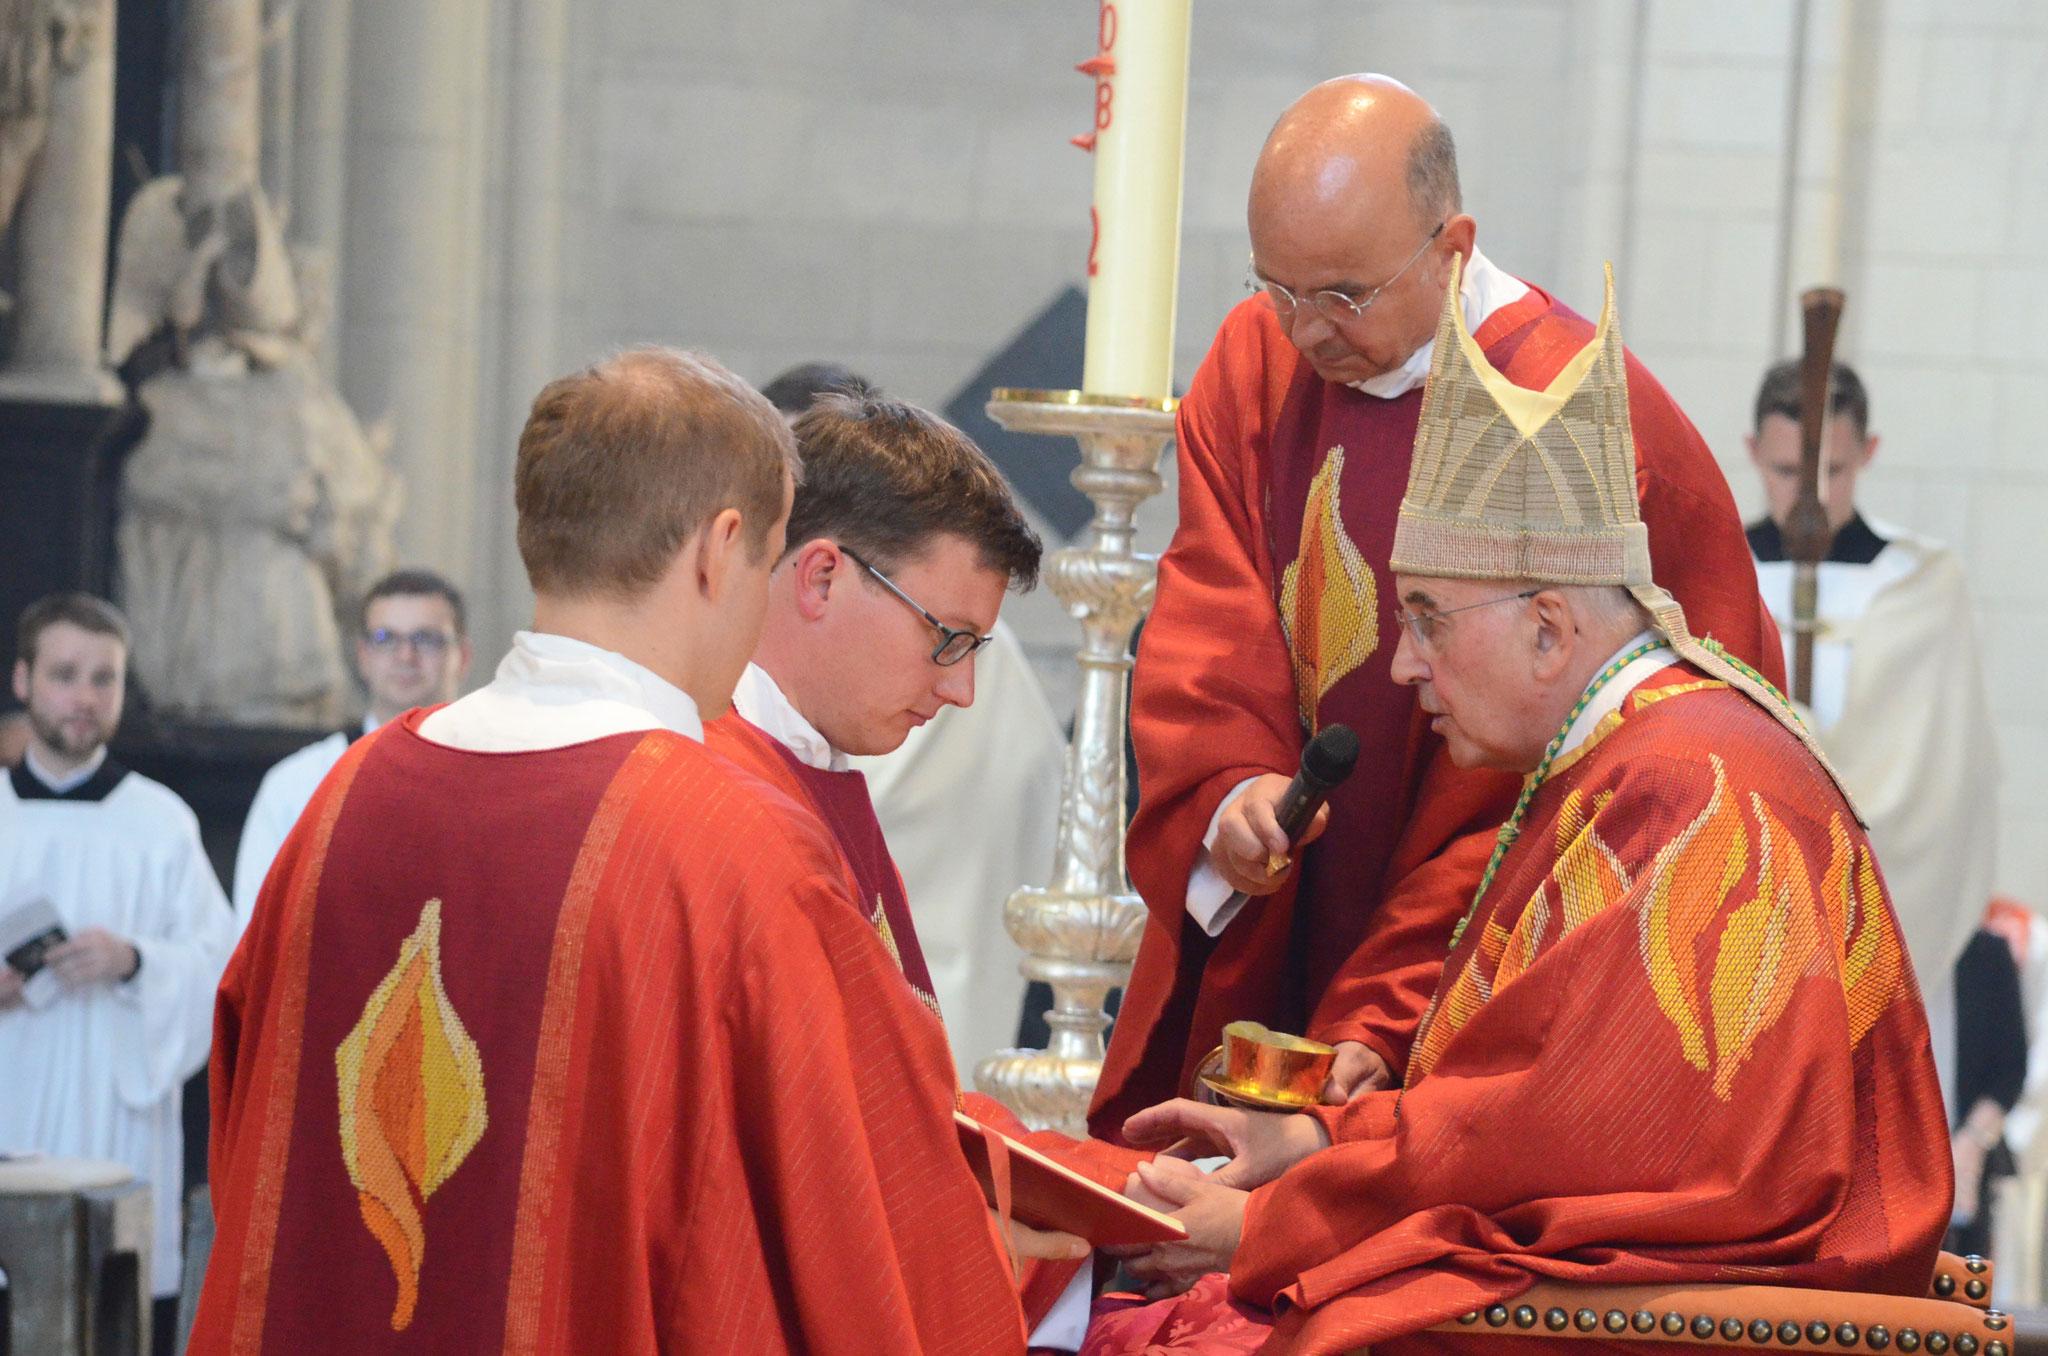 Die Neupriester erhalten den bischöflichen Segen - Foto: mit freundlicher Genehmigung des Bistums Münster